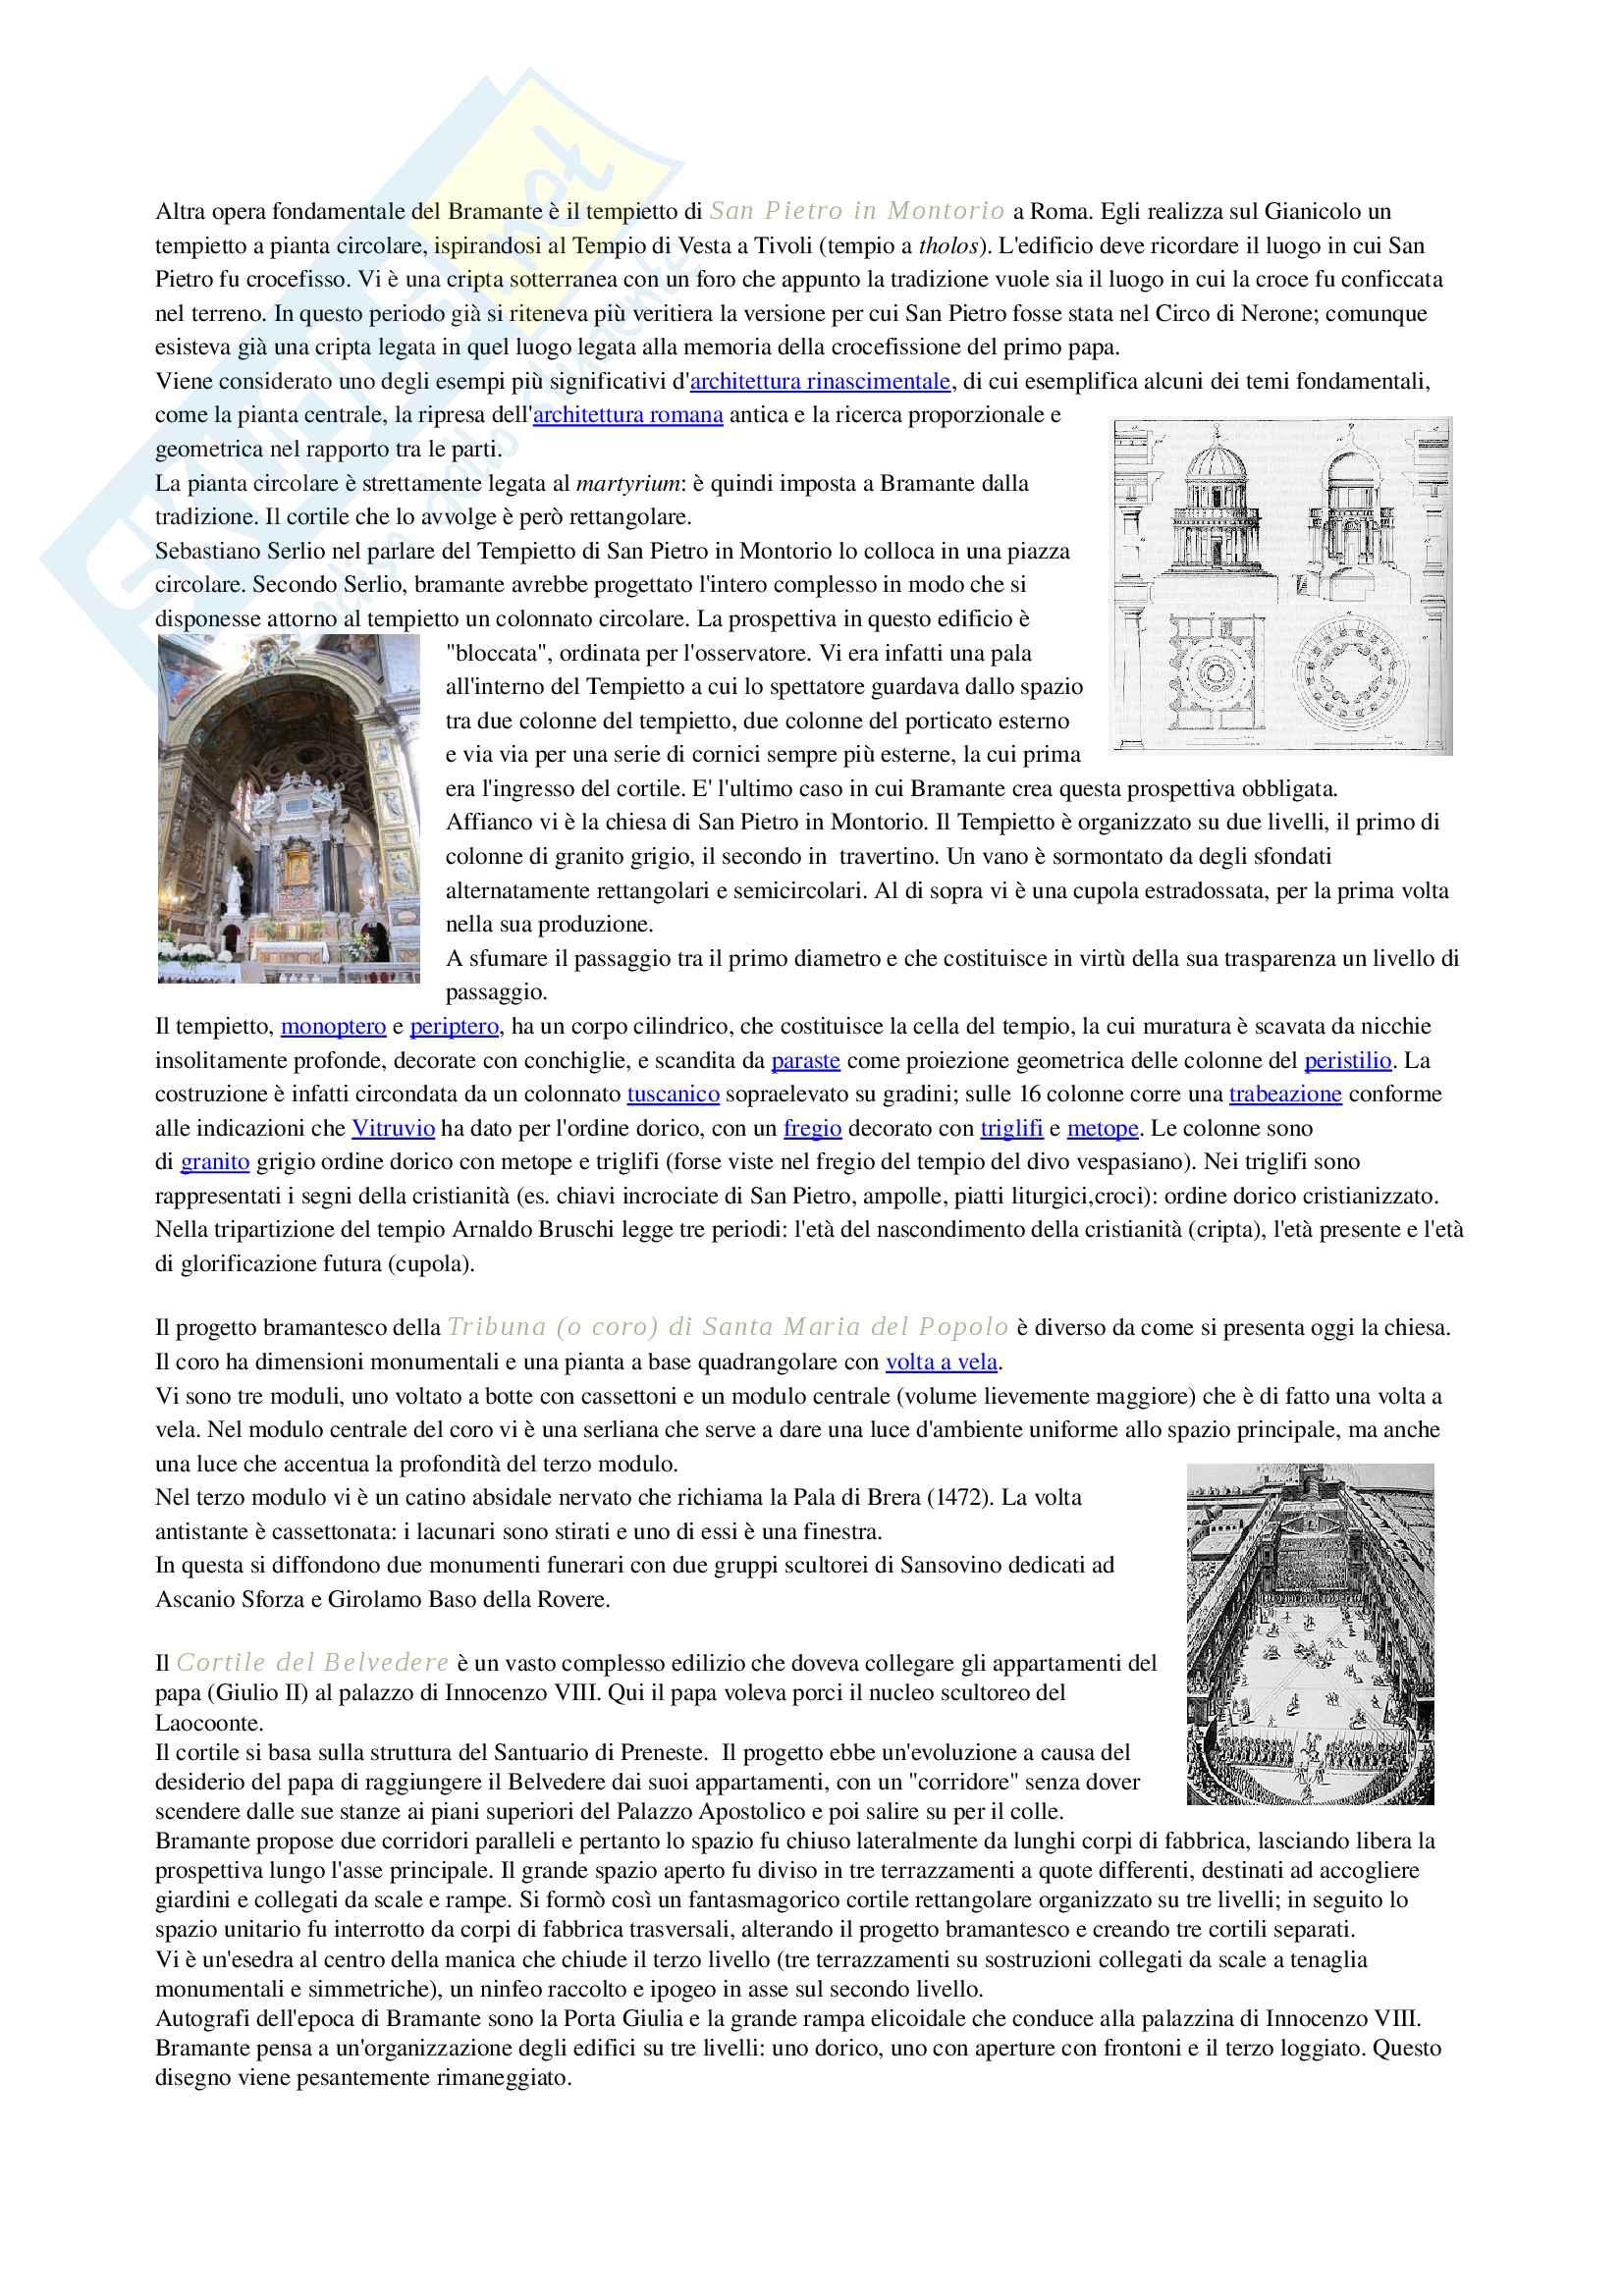 Architettura rinascimentale in Italia e architetti principali Pag. 6